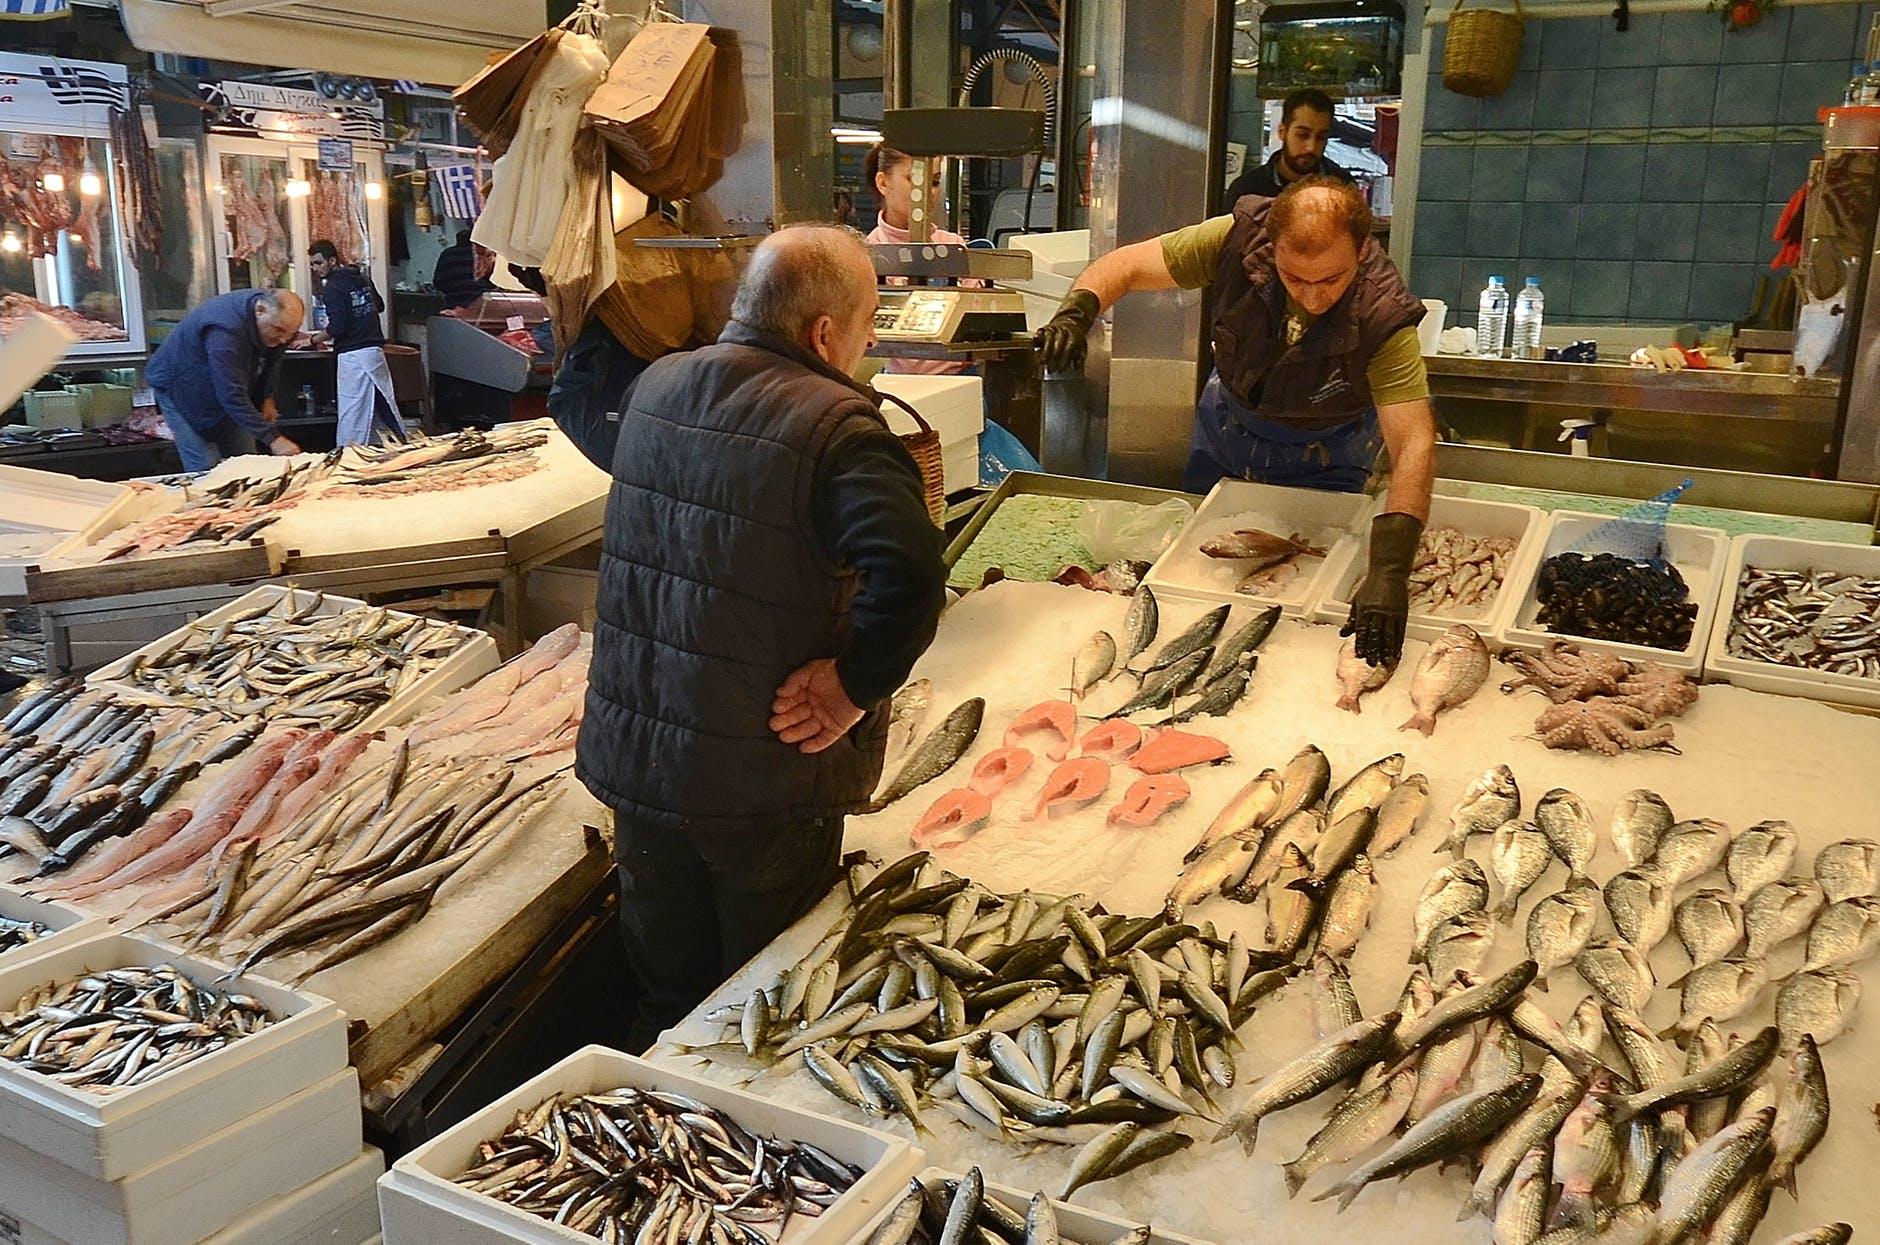 Konstituiran Odbor za ribarstvo – Iskaz interesa za uključenje u rad Odbora